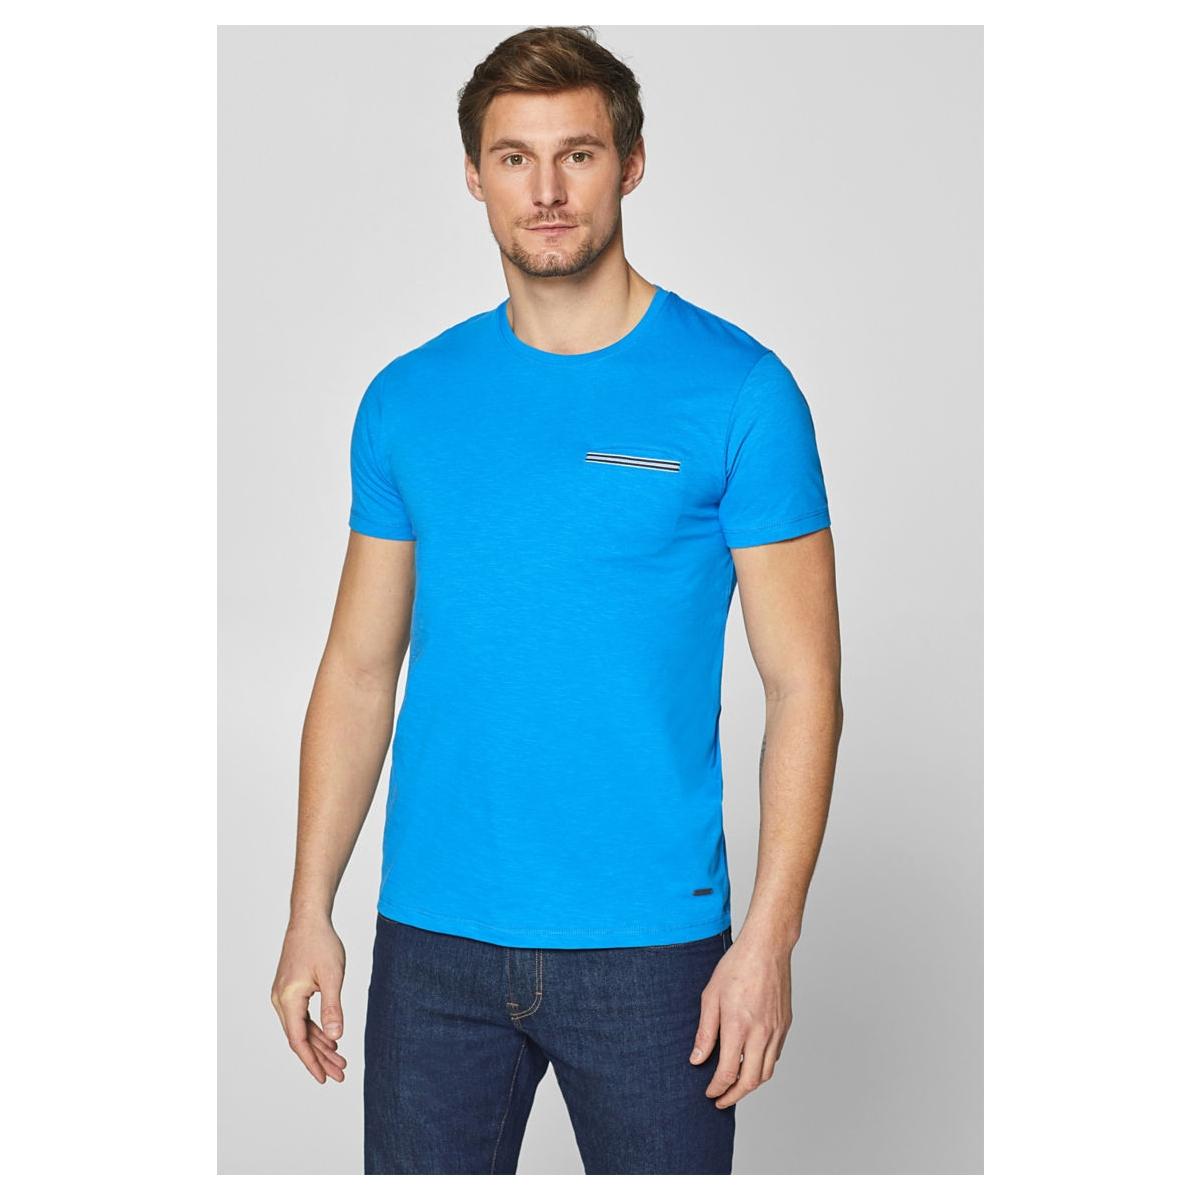 029ee2k020 esprit t-shirt e430